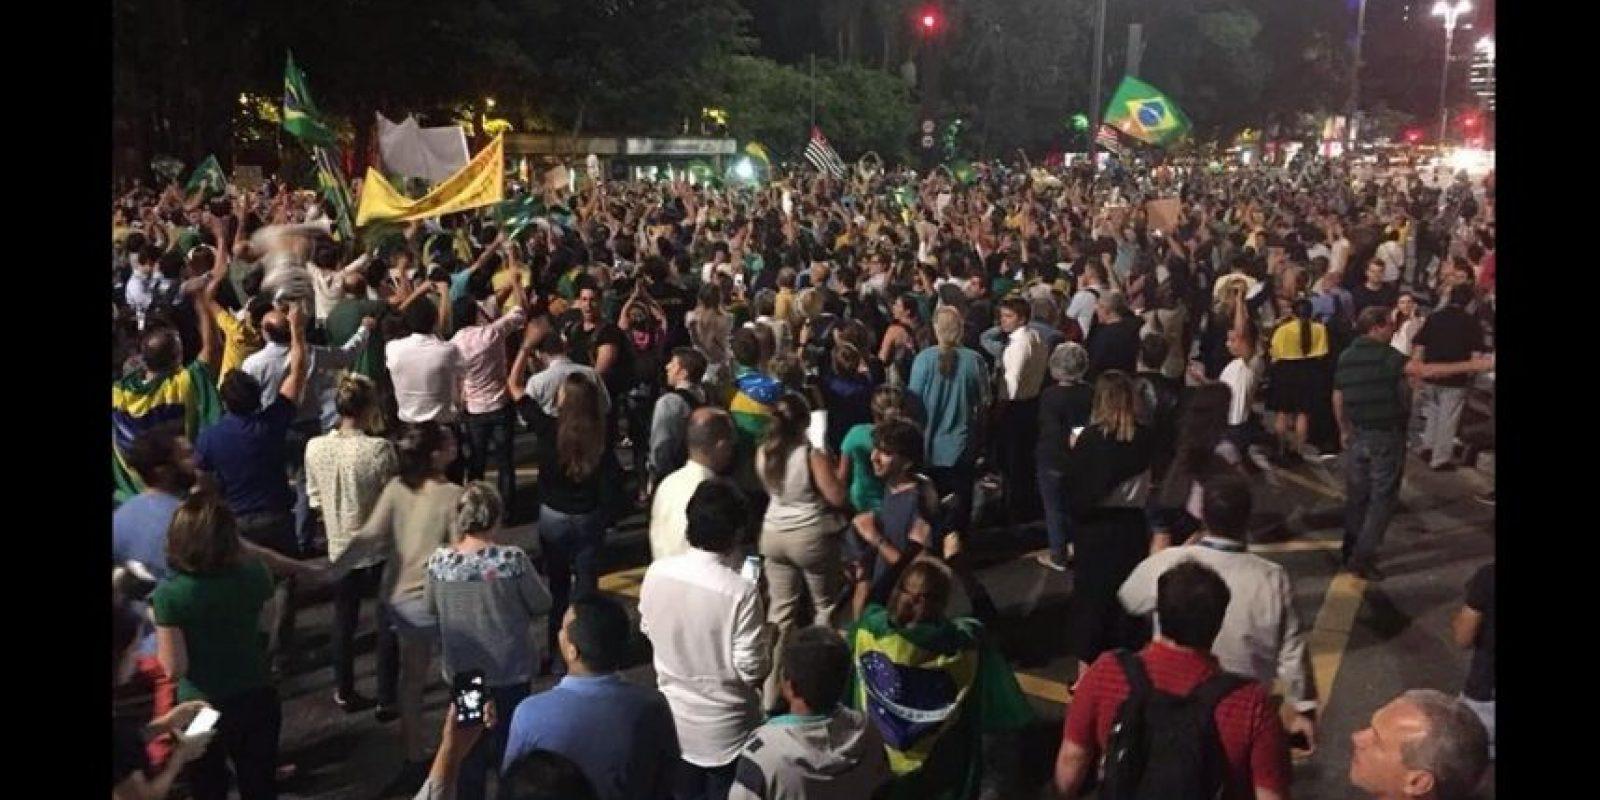 Y piden la renuncia de Dilma Rousseff. Foto:Vía Twitter @amigoperu76